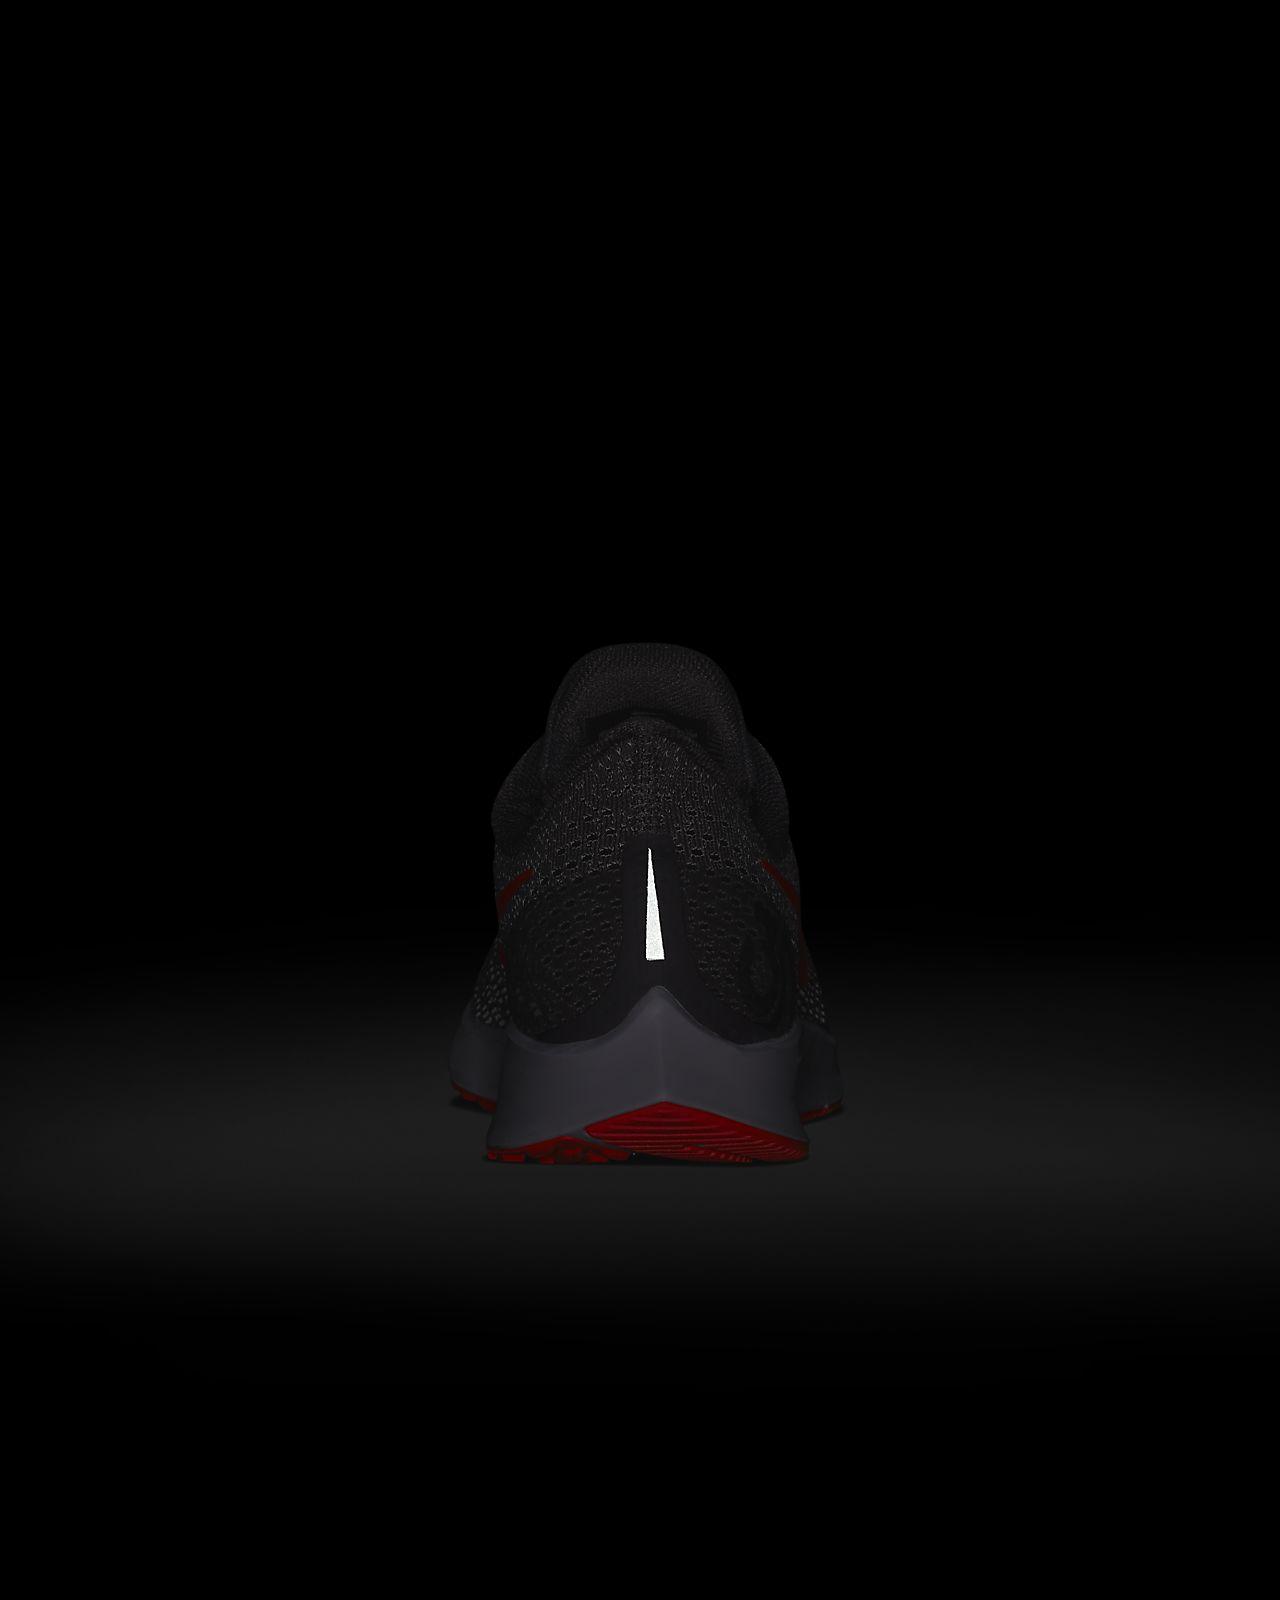 new product 3b389 85922 Nike Air Zoom Pegasus 35 Men's Running Shoe